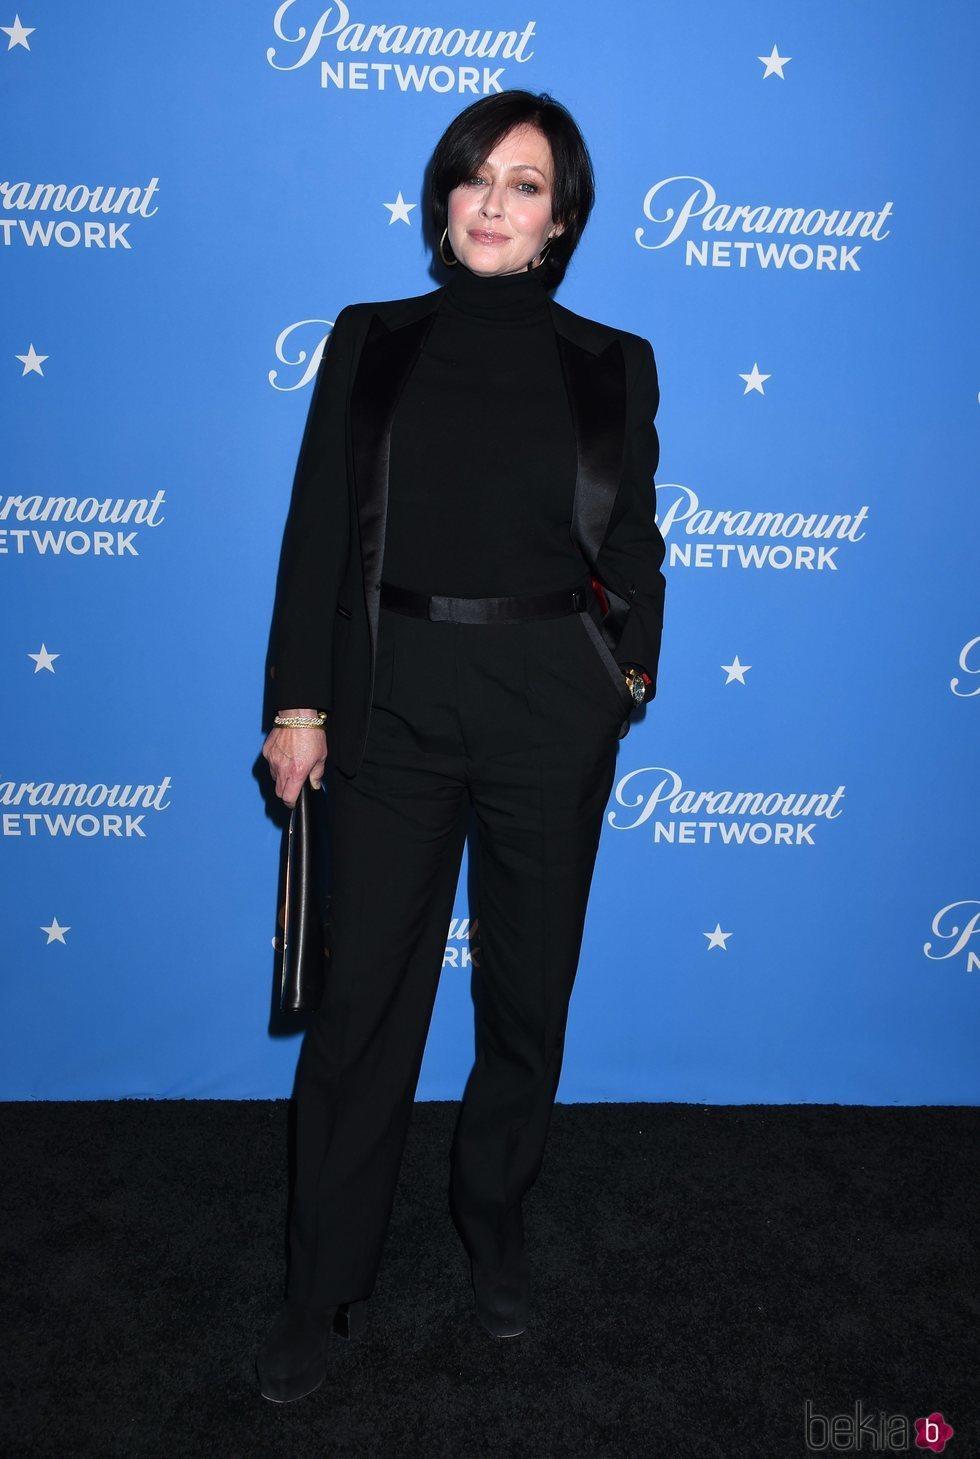 La actriz Shannen Doherty en la fiesta de lanzamiento de Paramount Network